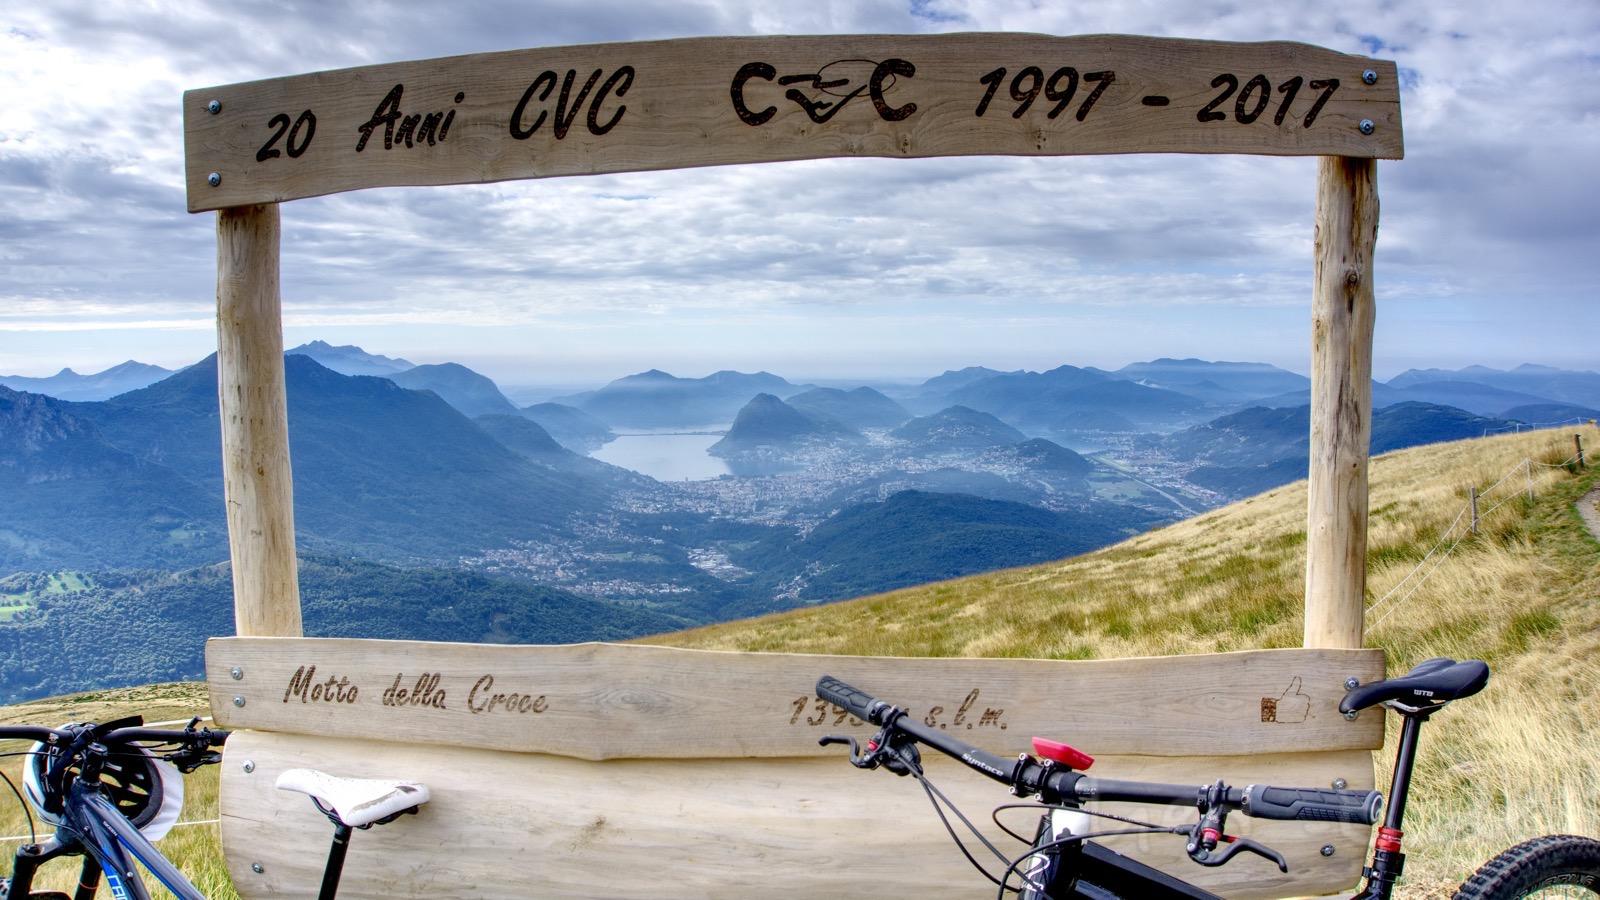 Ausblick am Motto della Croce heute ohne Nebel.